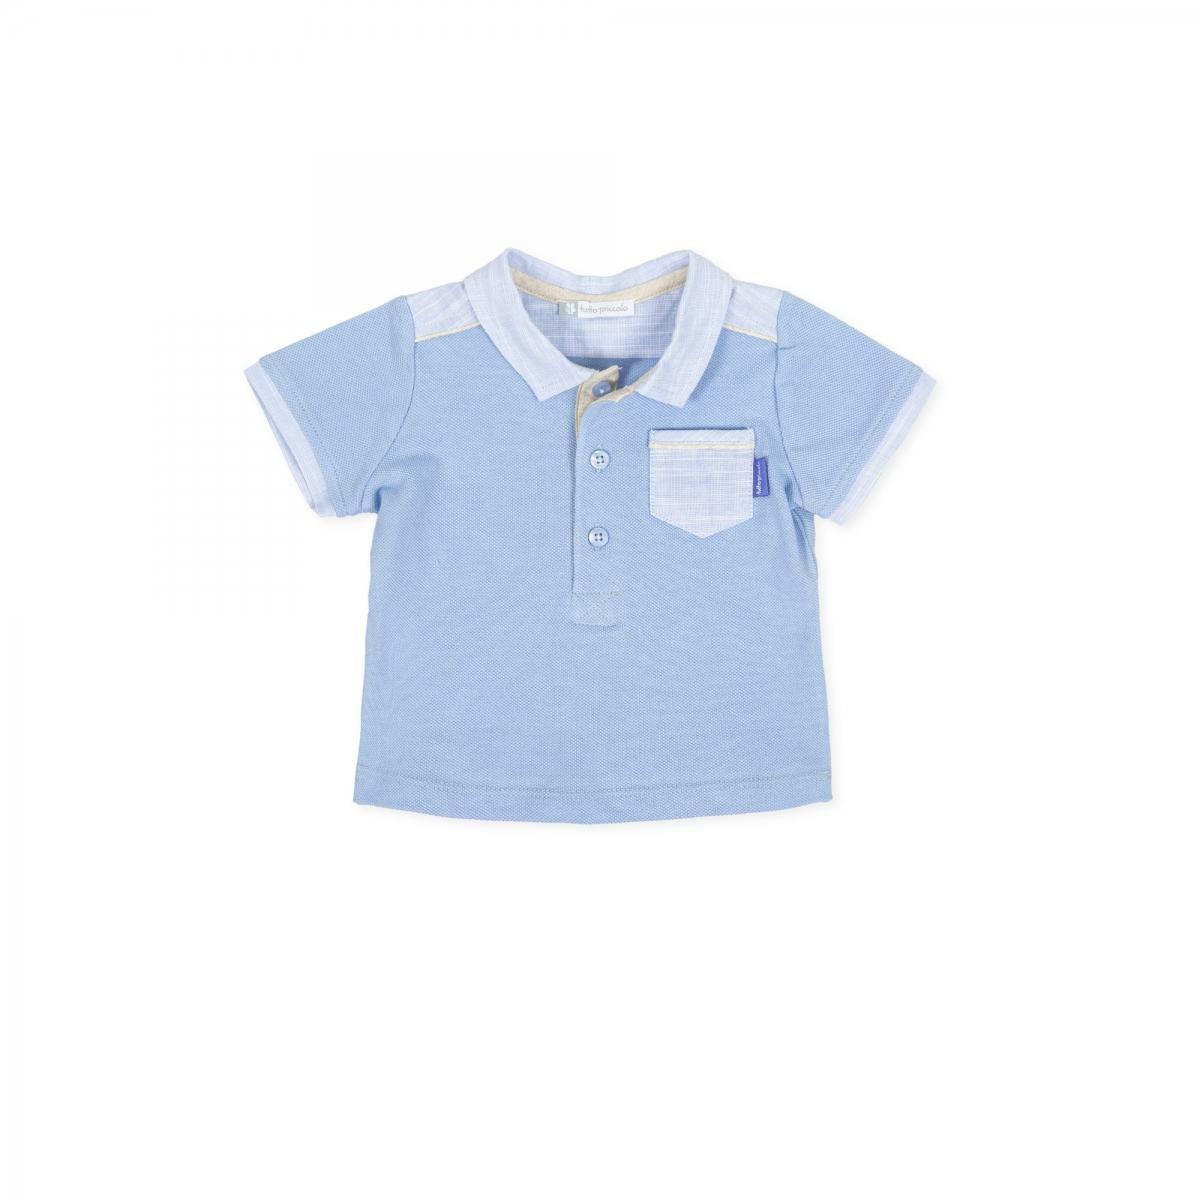 tutto piccolo tutto piccolo polo neonato azzurro 8811s20